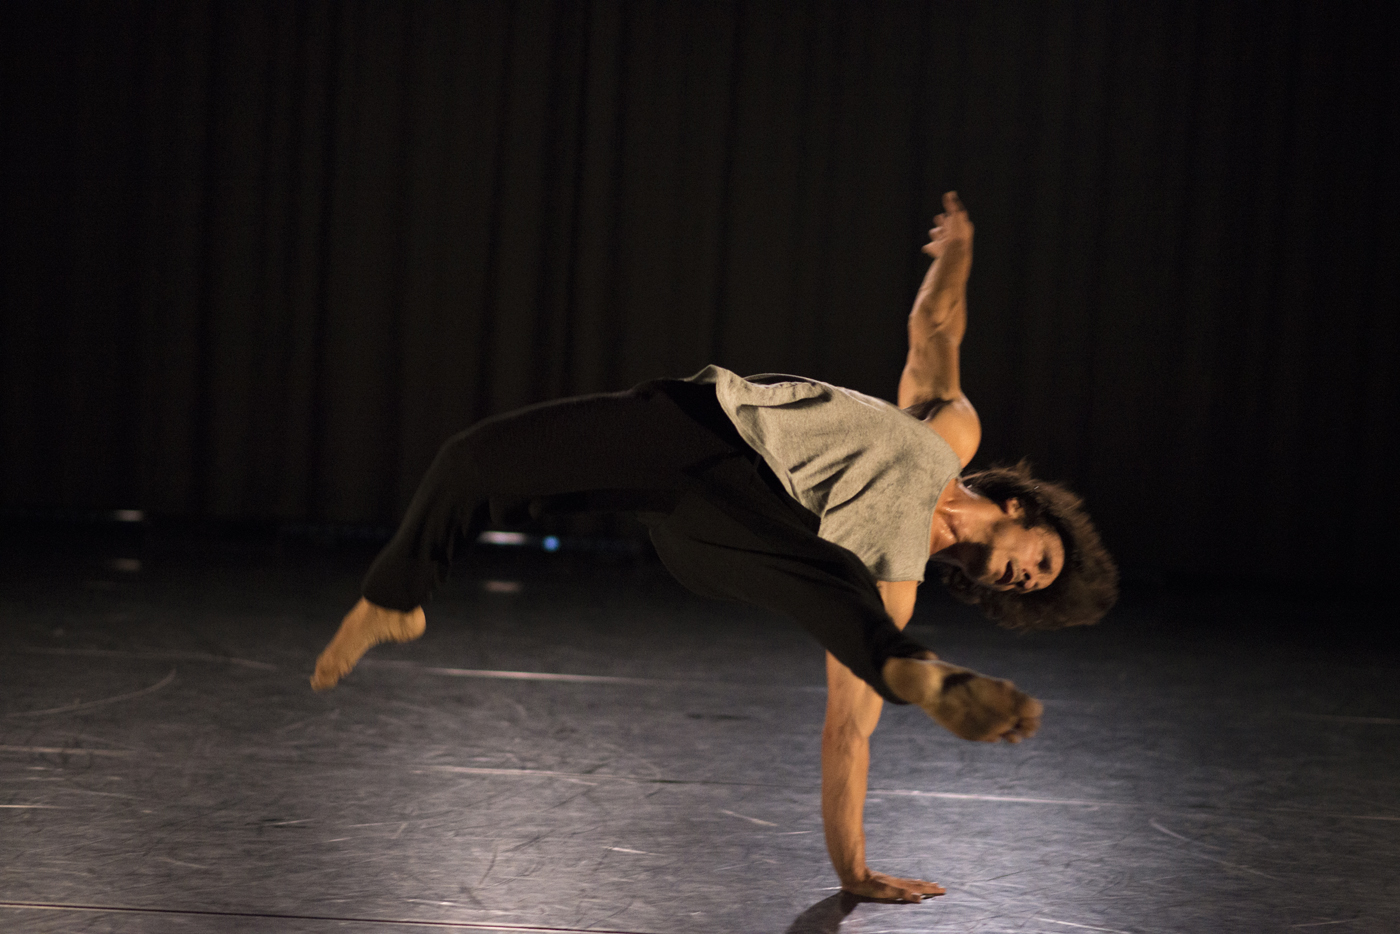 """Florian Bilbao in """"Autobiographie eines ganz normalen Menschen"""", Tanzspielzeit Podewil 2016 (Foto: René Löffler)"""